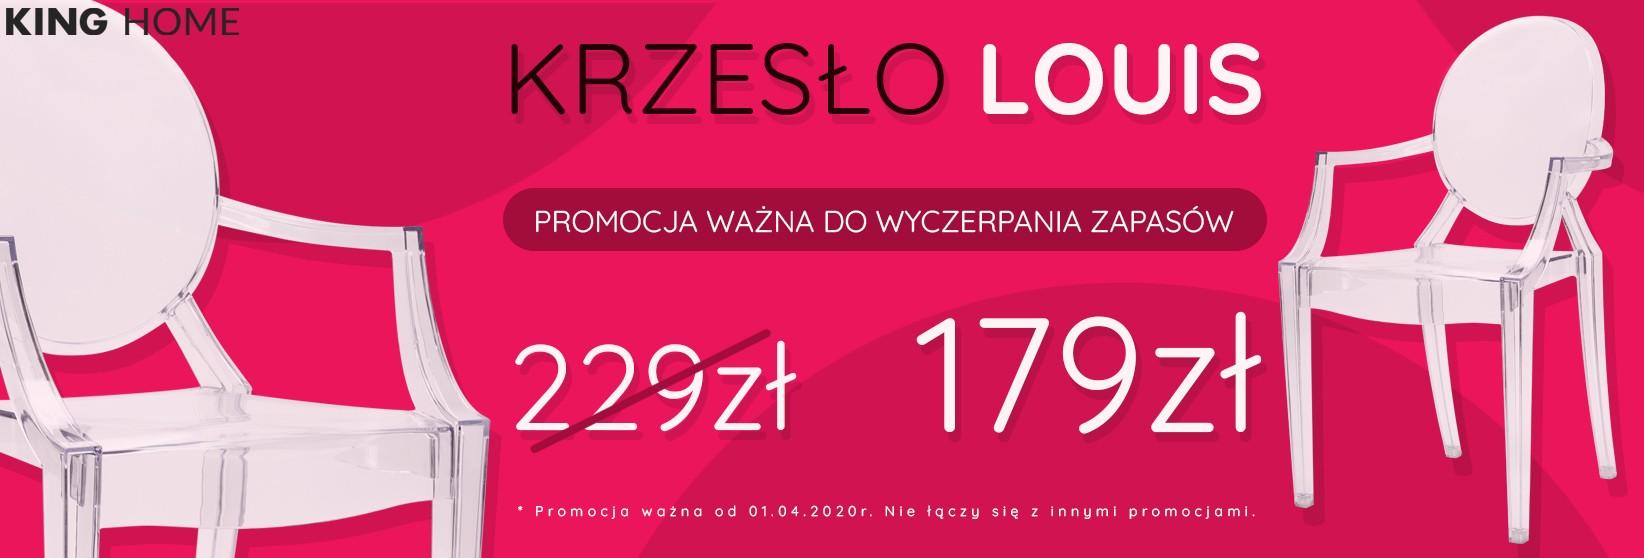 Krzesło LOUIS transparentne 179 zł